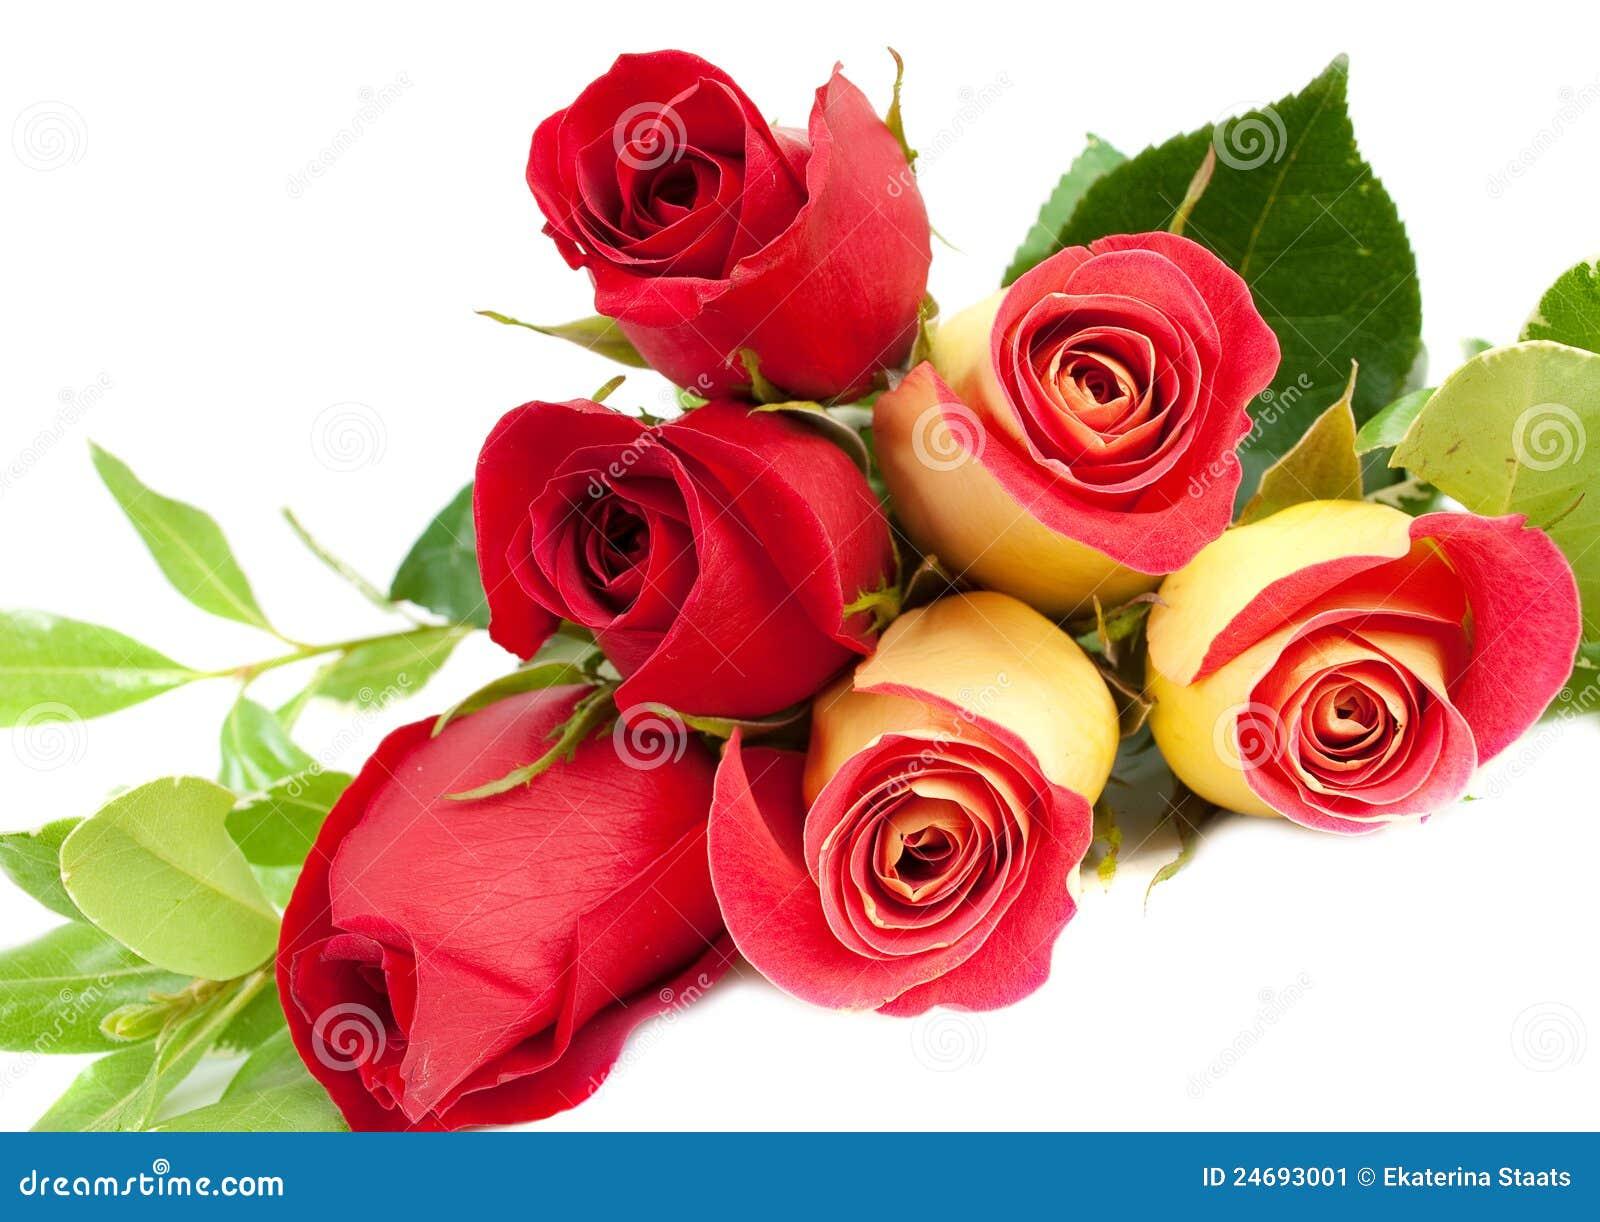 Ramo Amarillo Y Rojo De Las Rosas Imagen de archivo - Imagen: 24693001